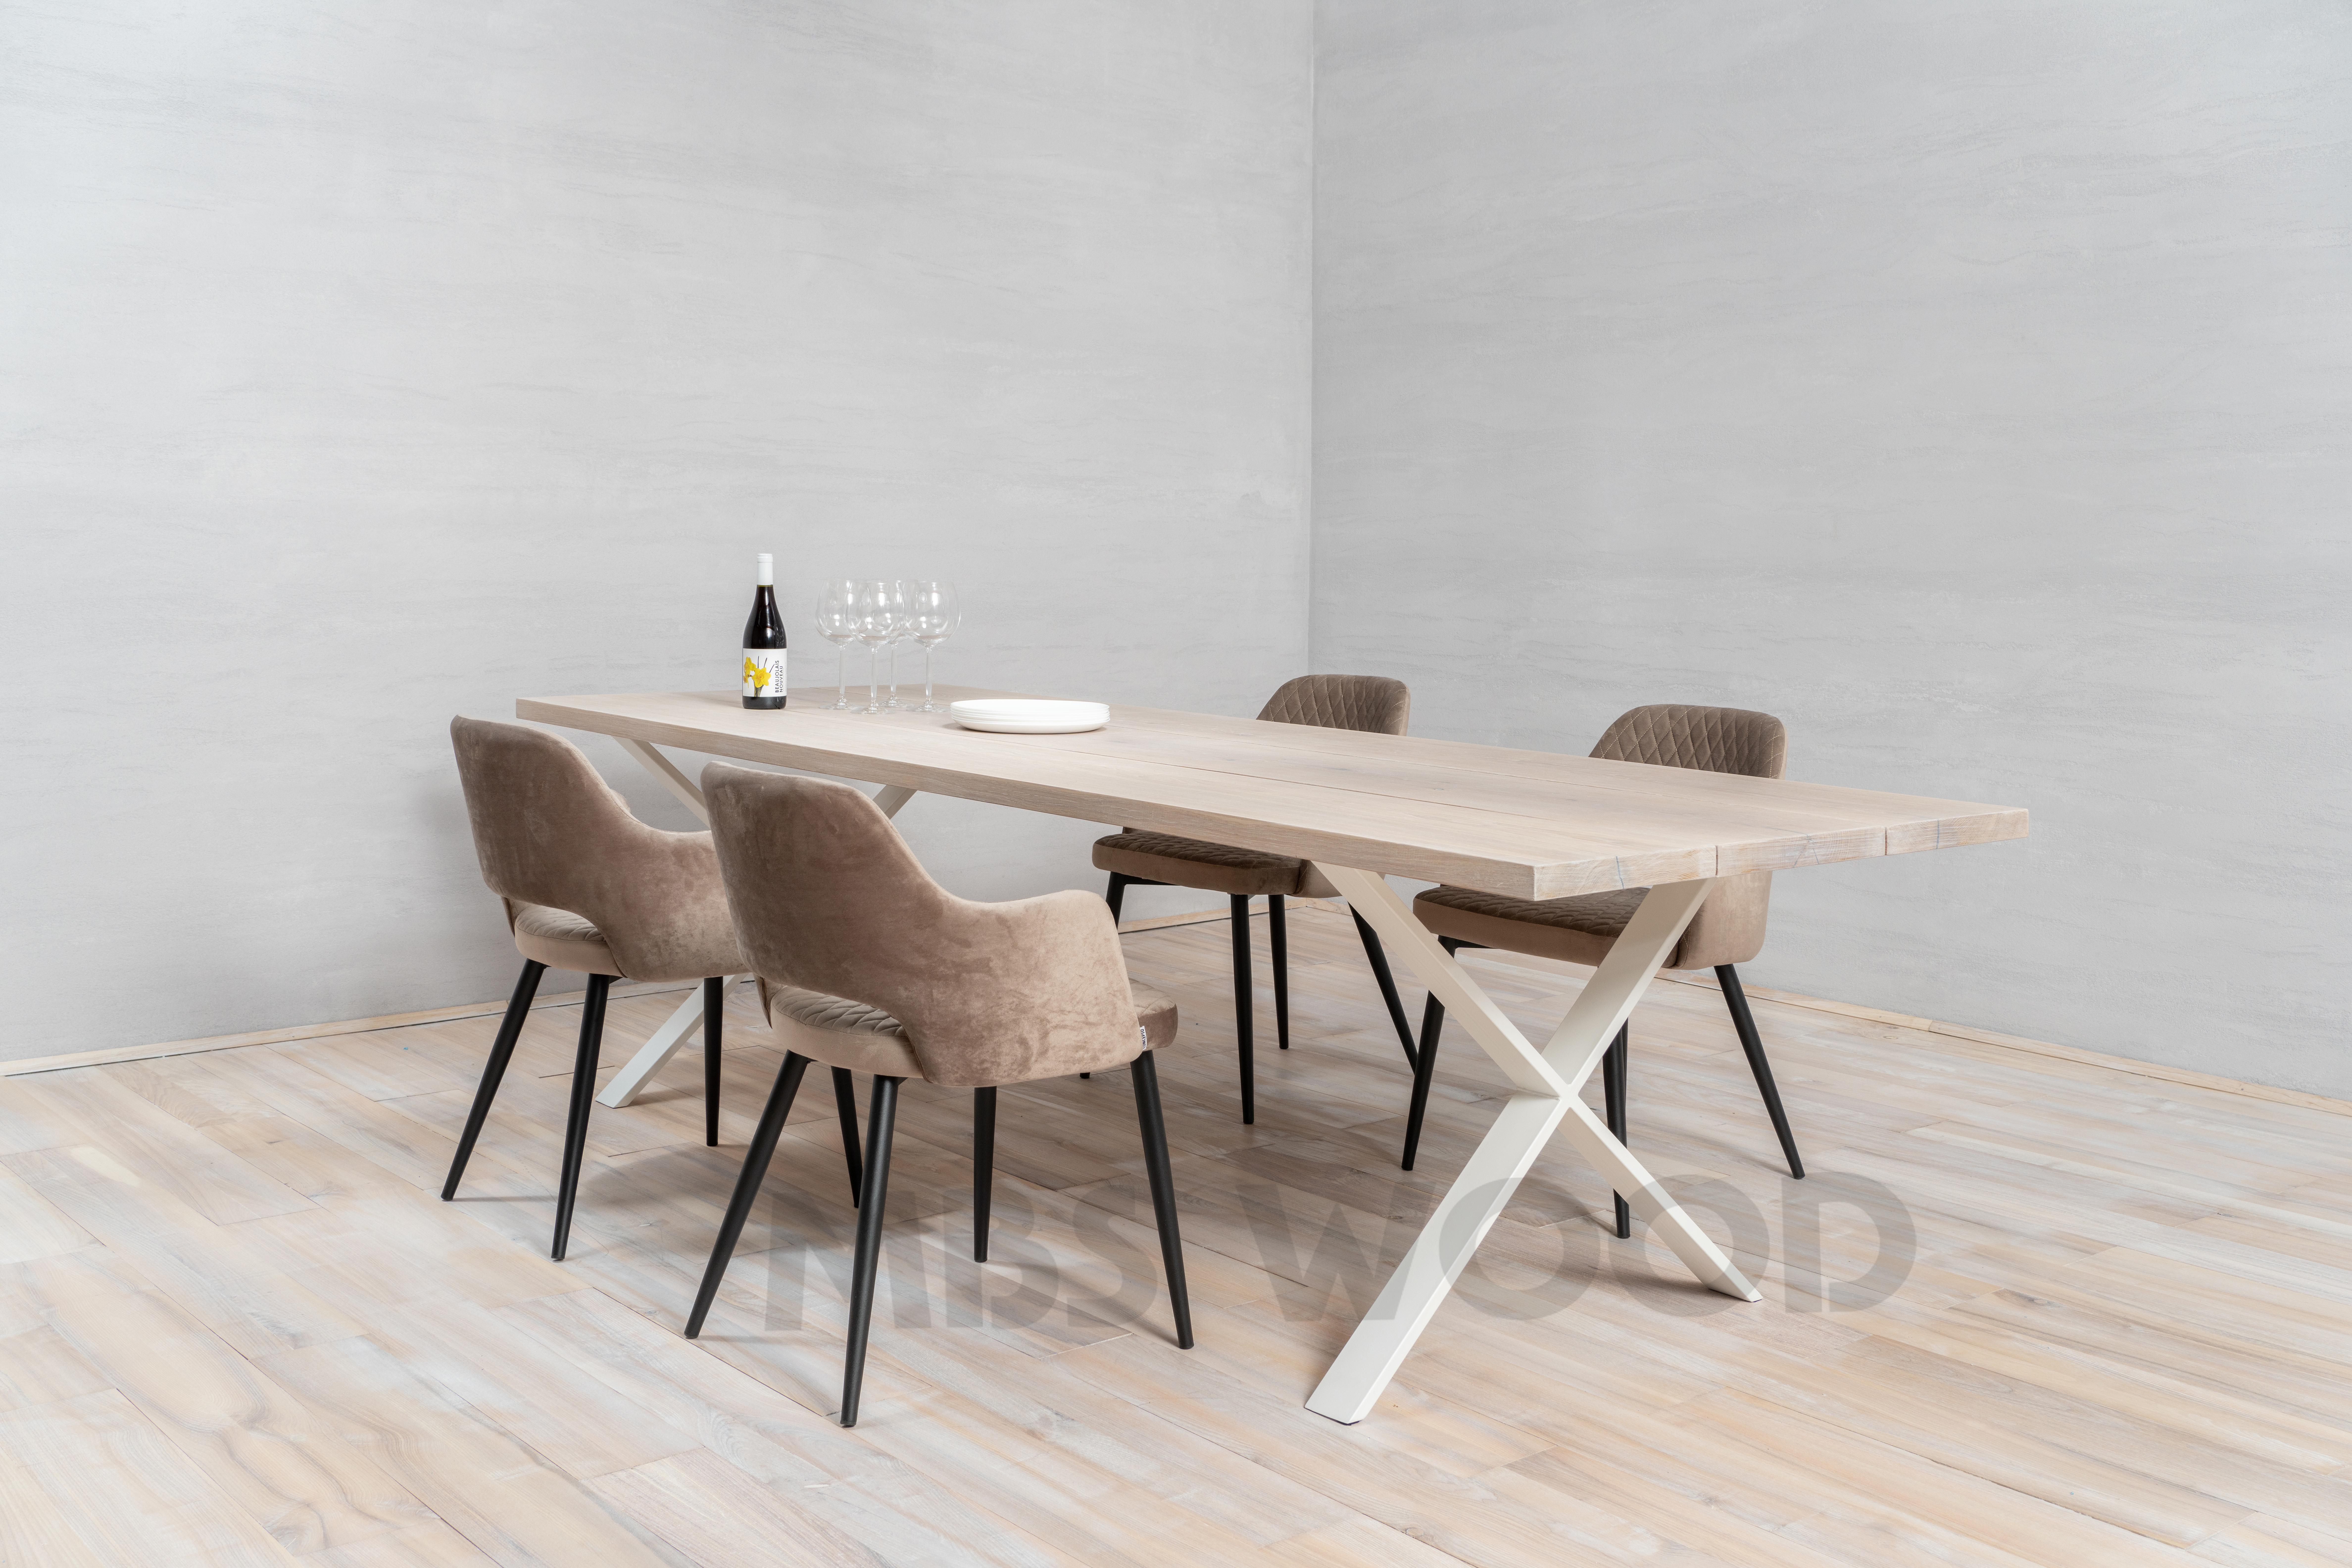 oak tabletops